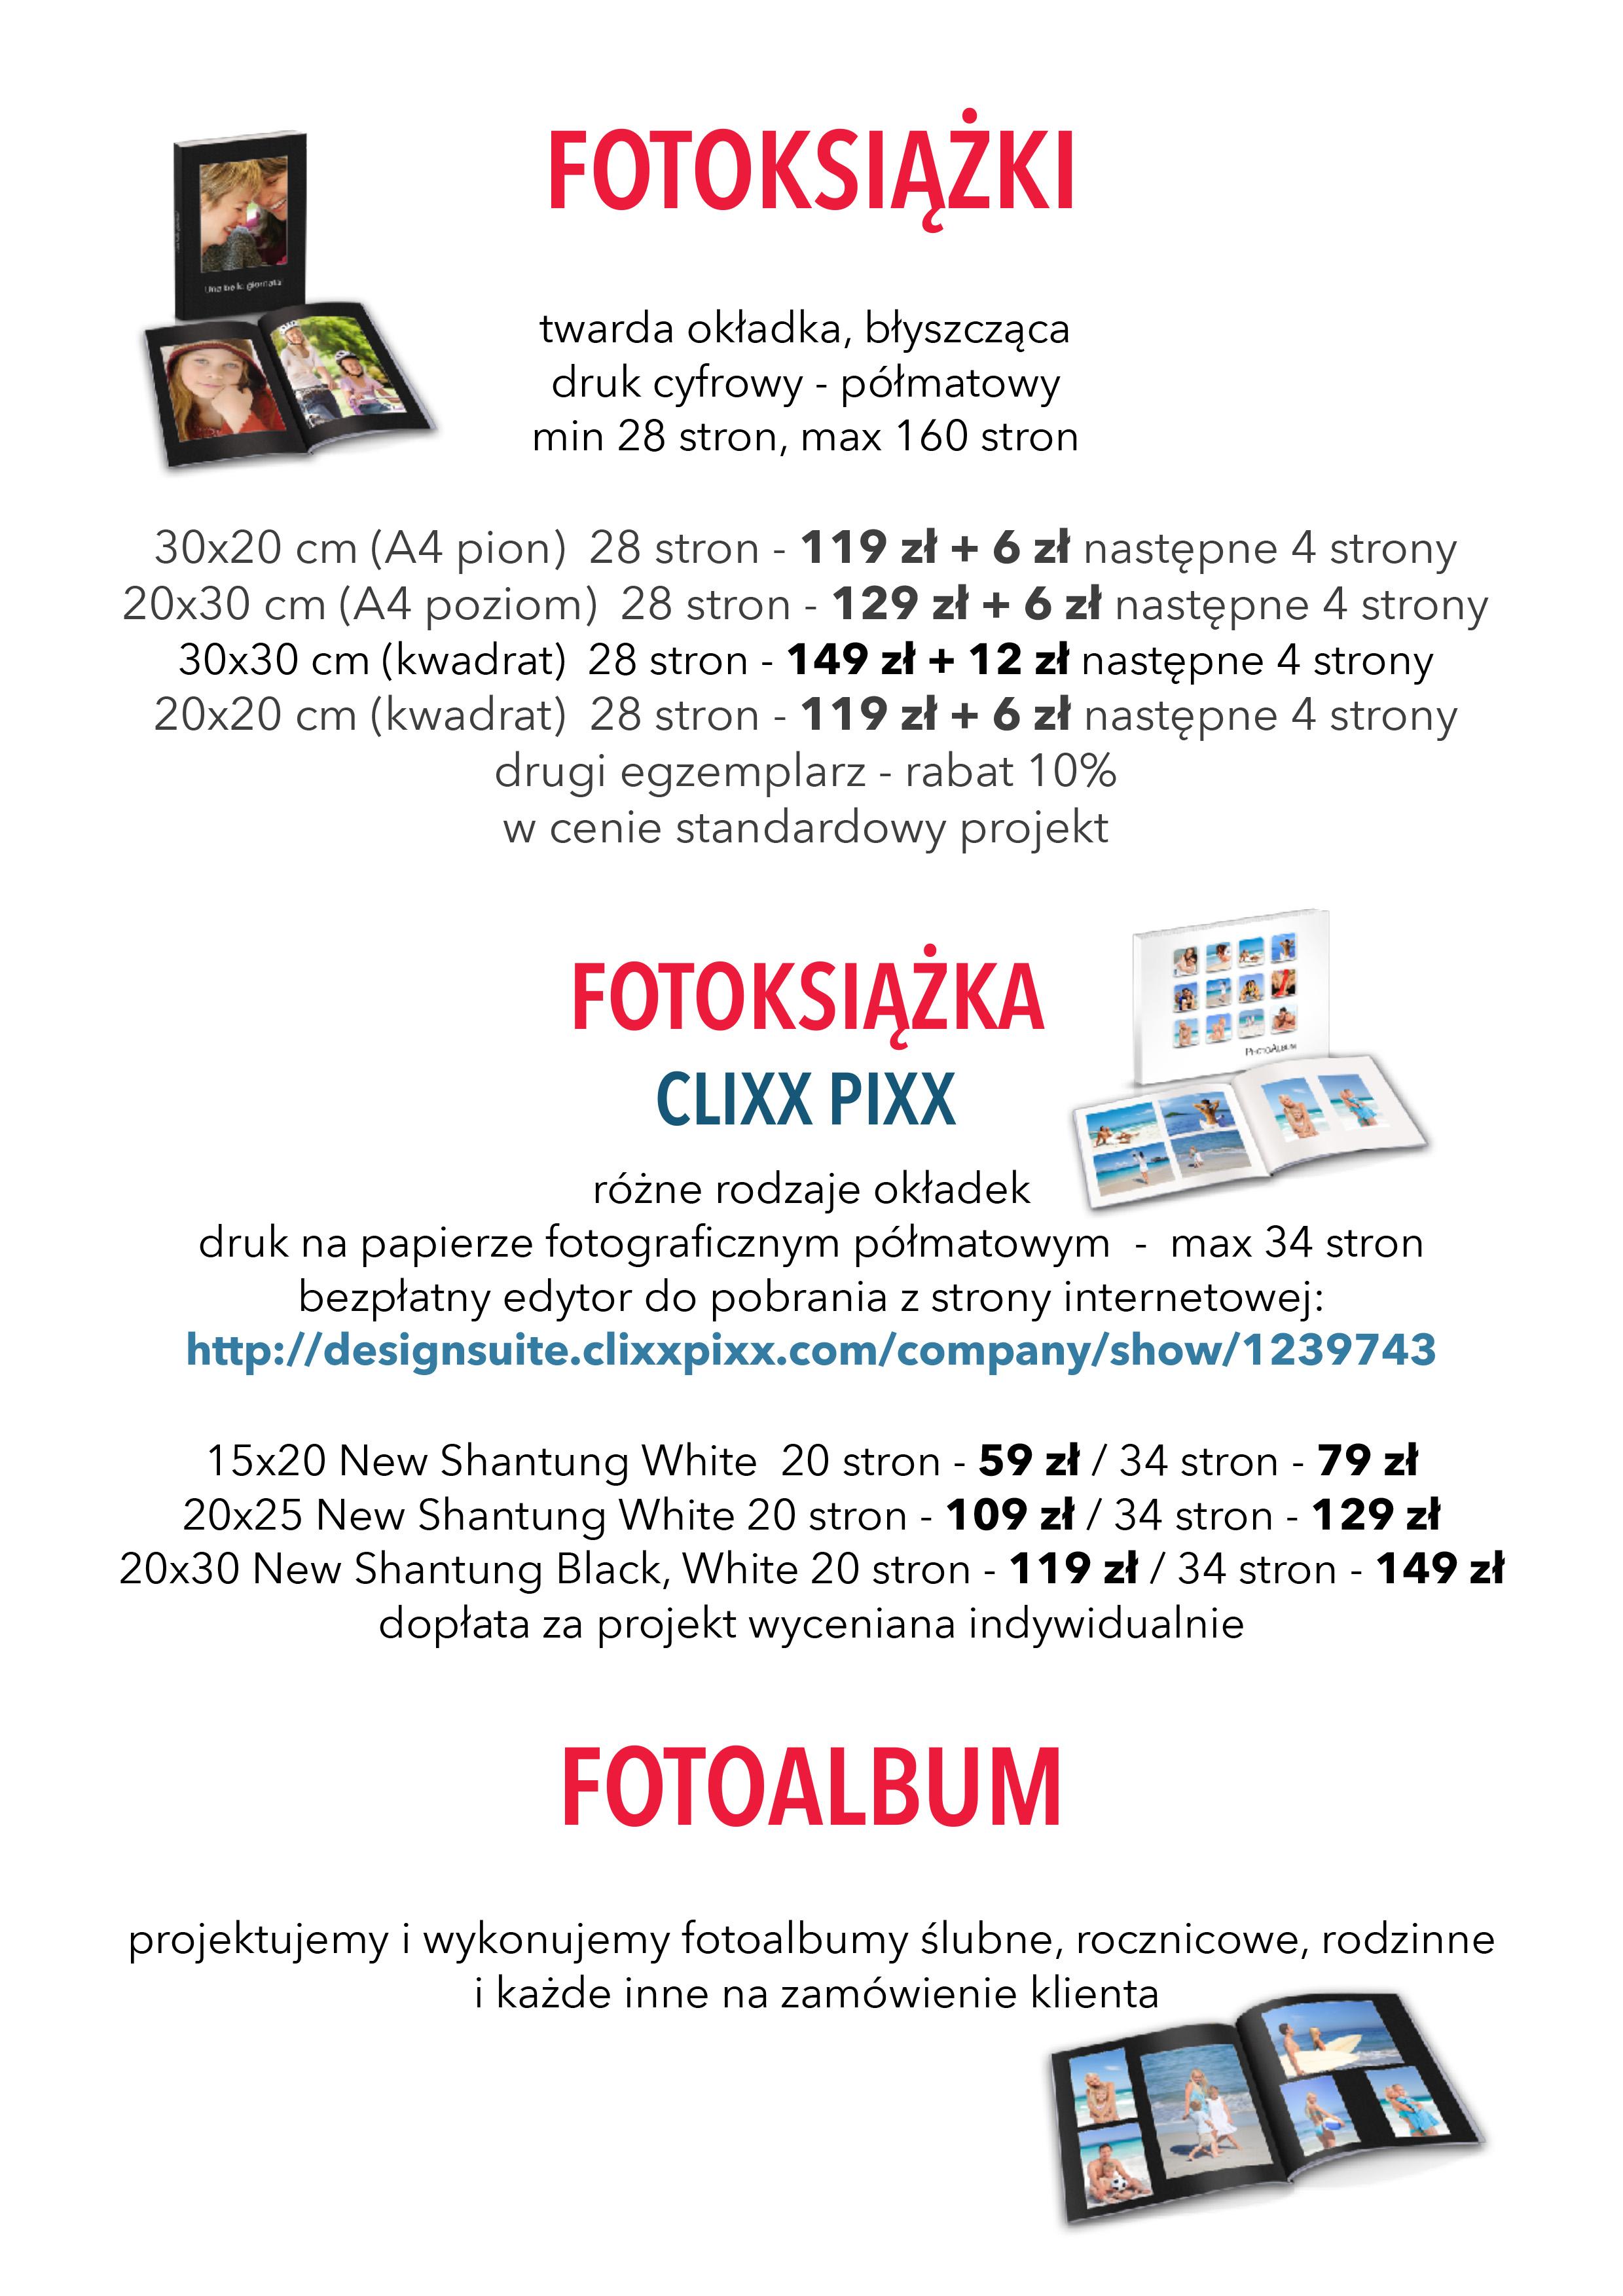 WPS Fotoland-cennik fotoksiążki